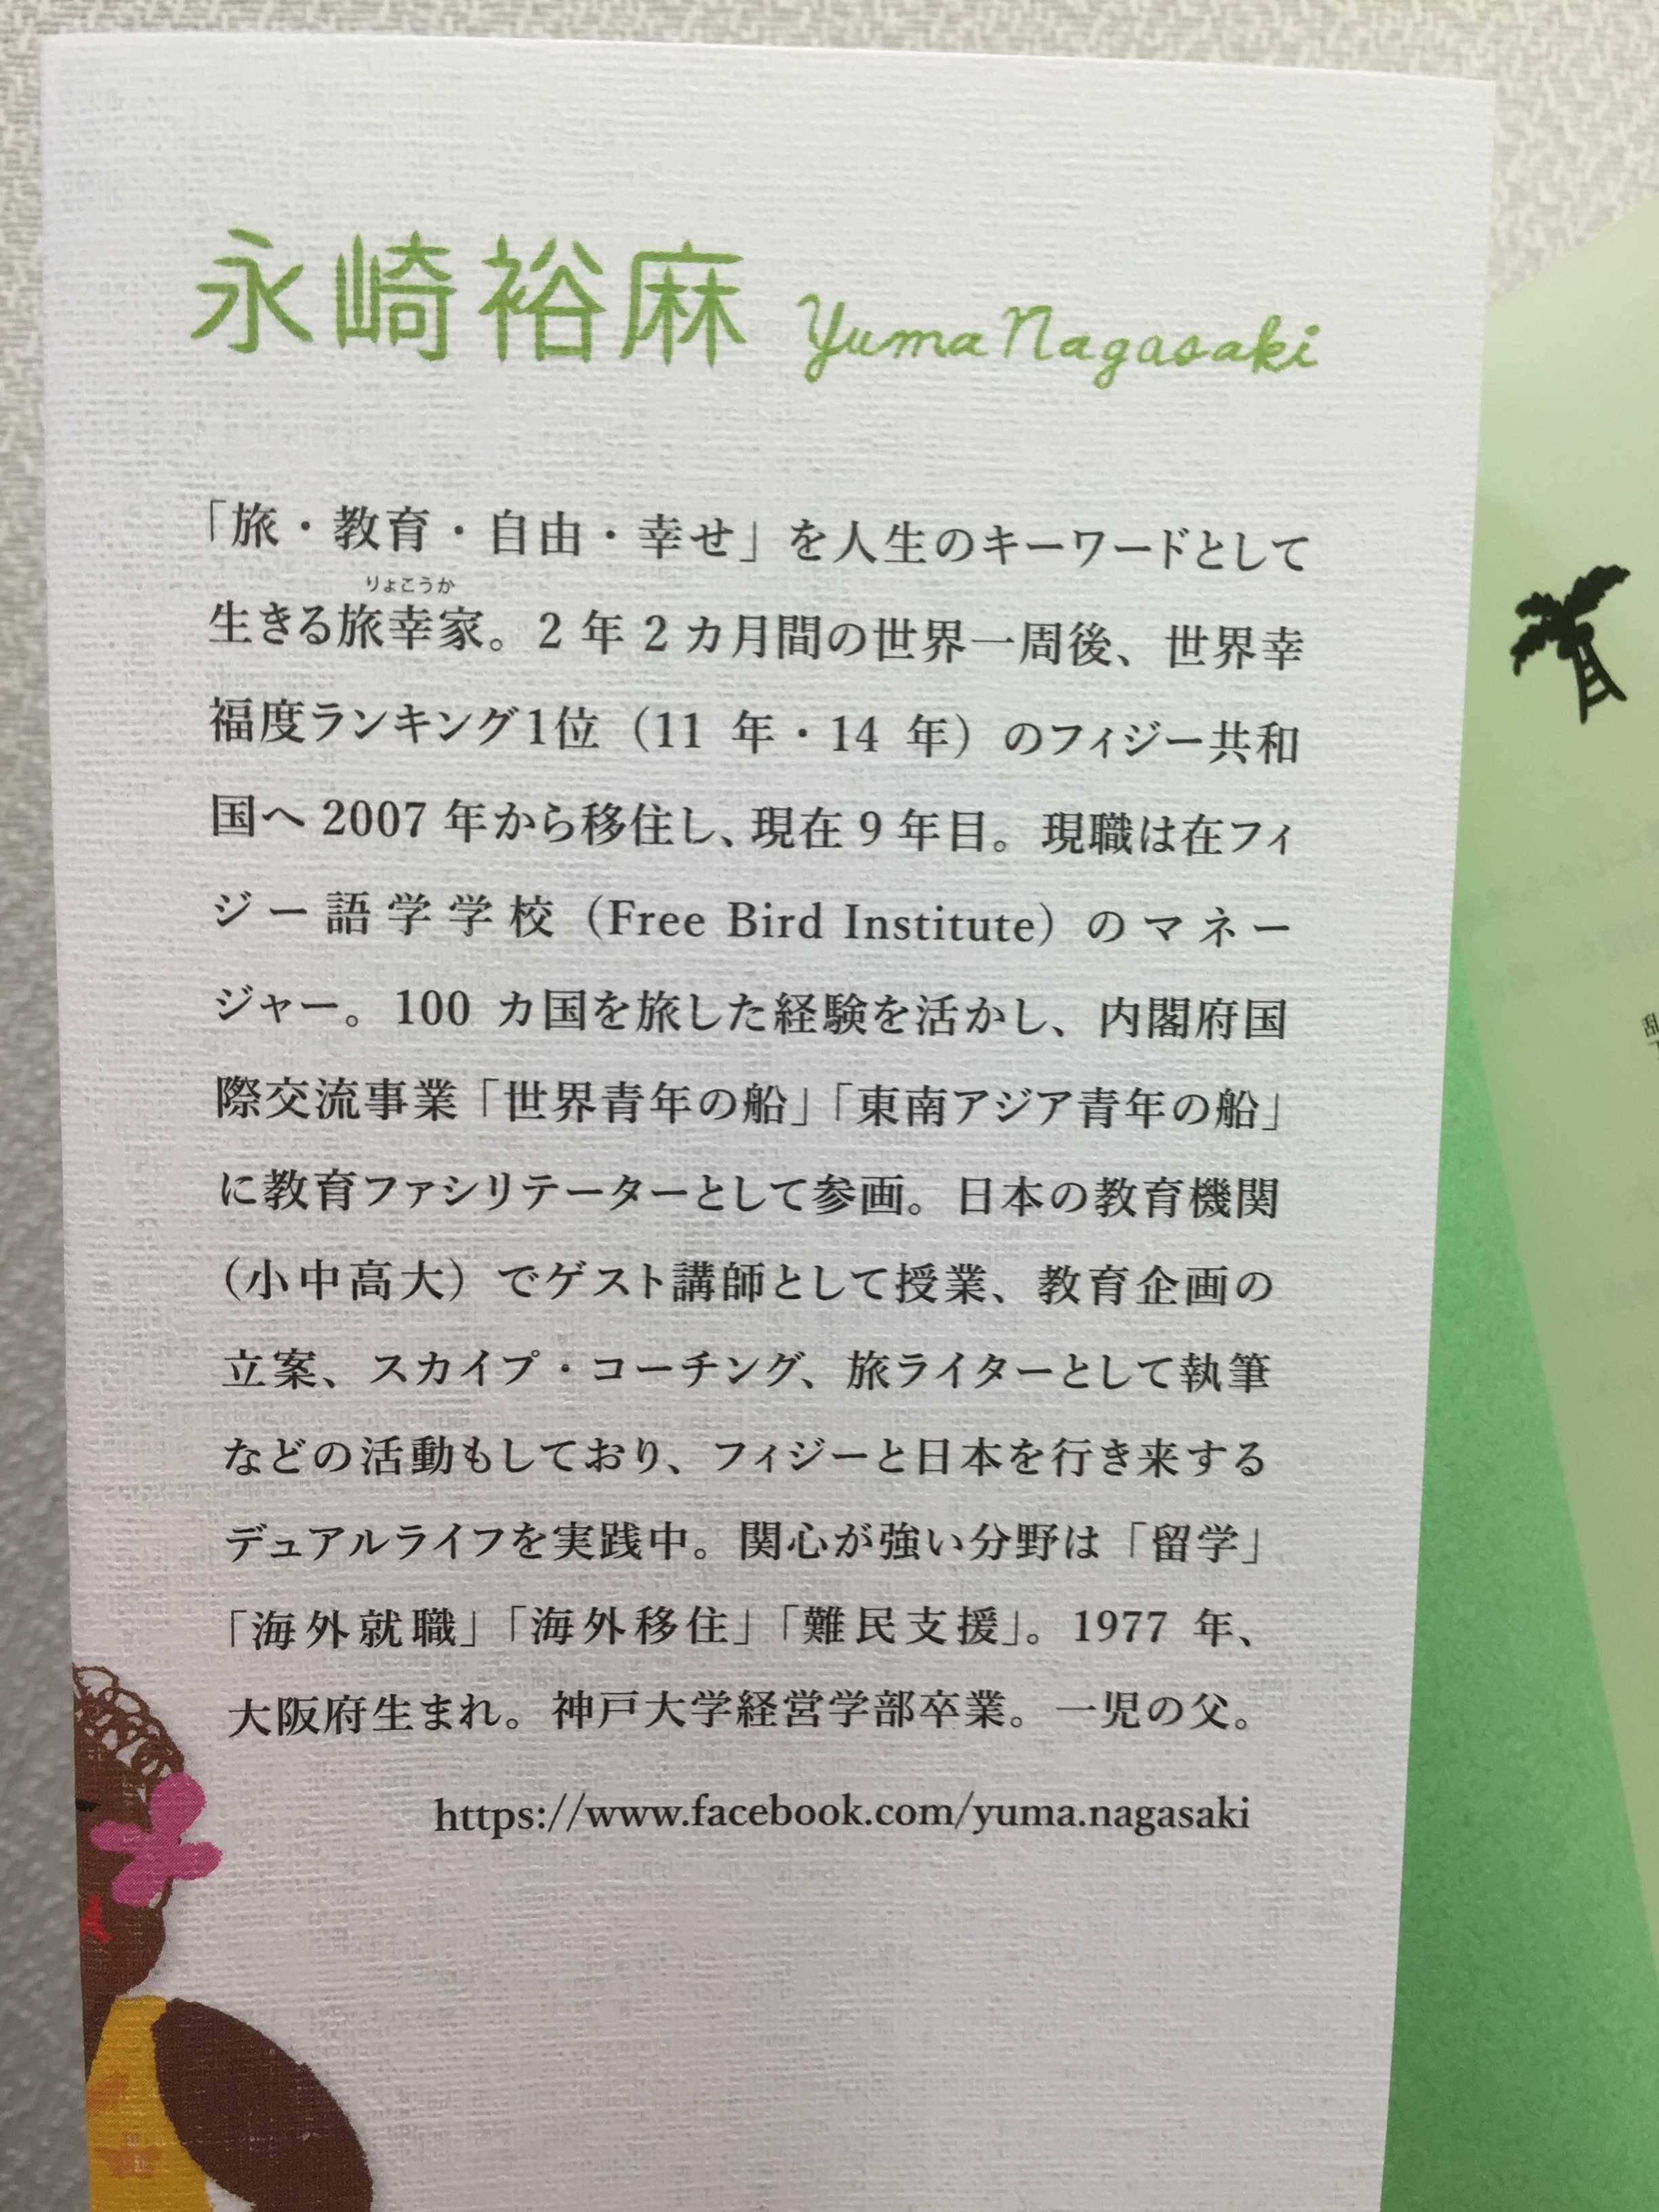 永崎裕麻 - 世界でいちばん幸せな国フィジーの世界でいちばん非常識な幸福論